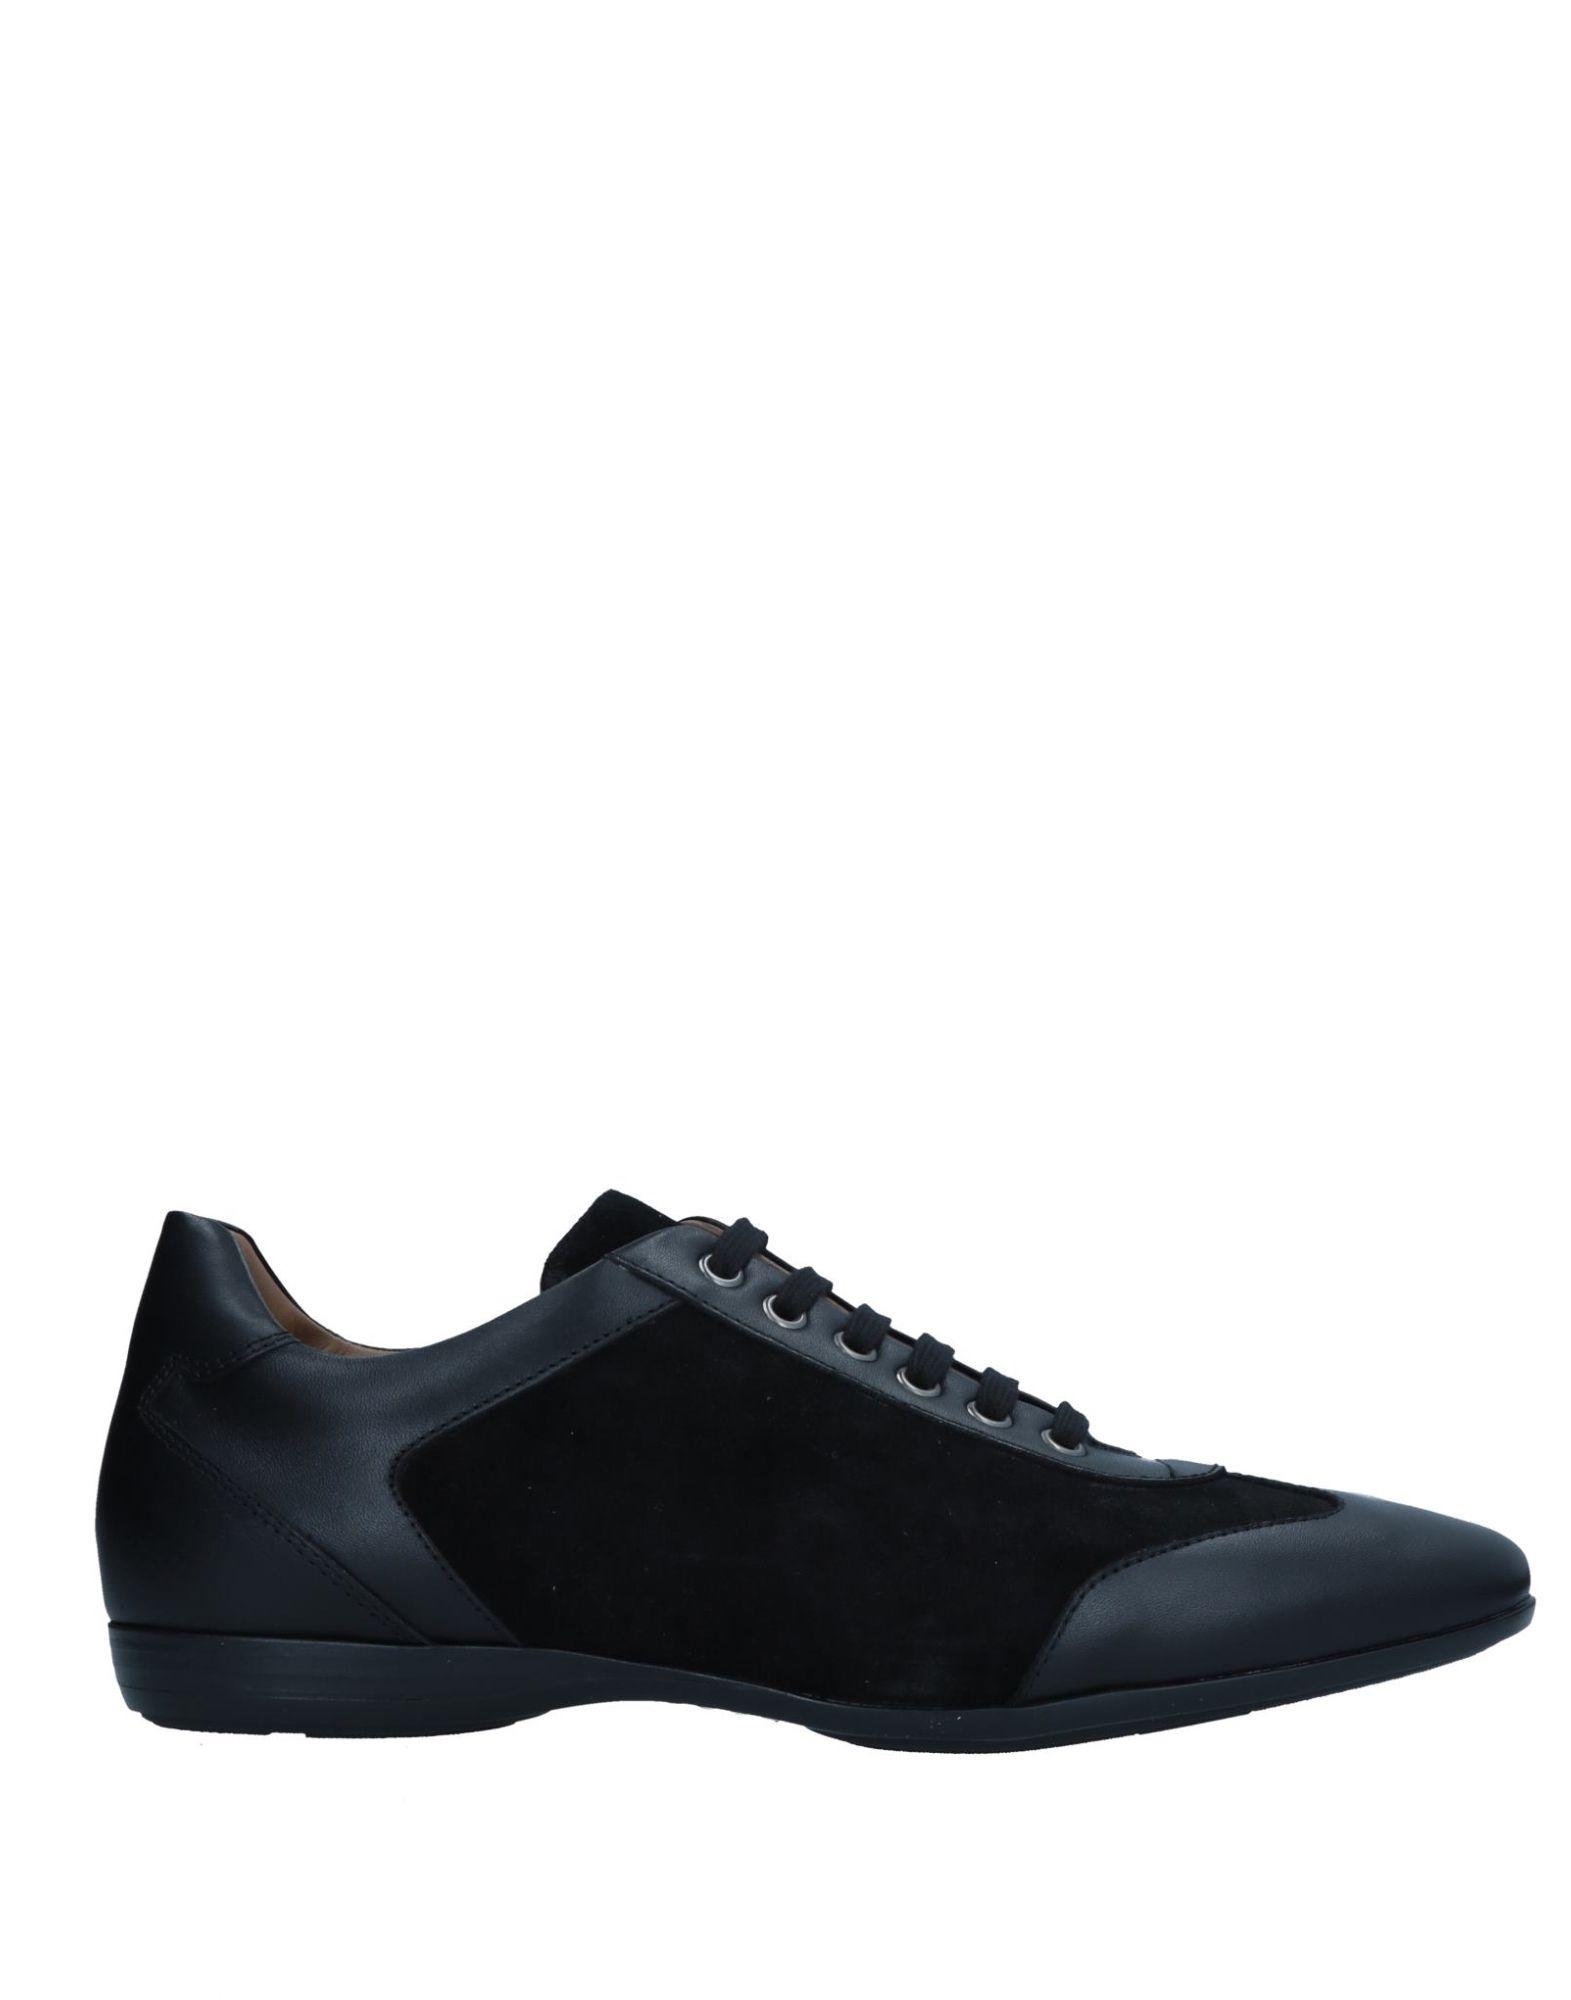 Fabiano Ricci Schnürschuhe Herren  11547001EB Gute Qualität beliebte Schuhe